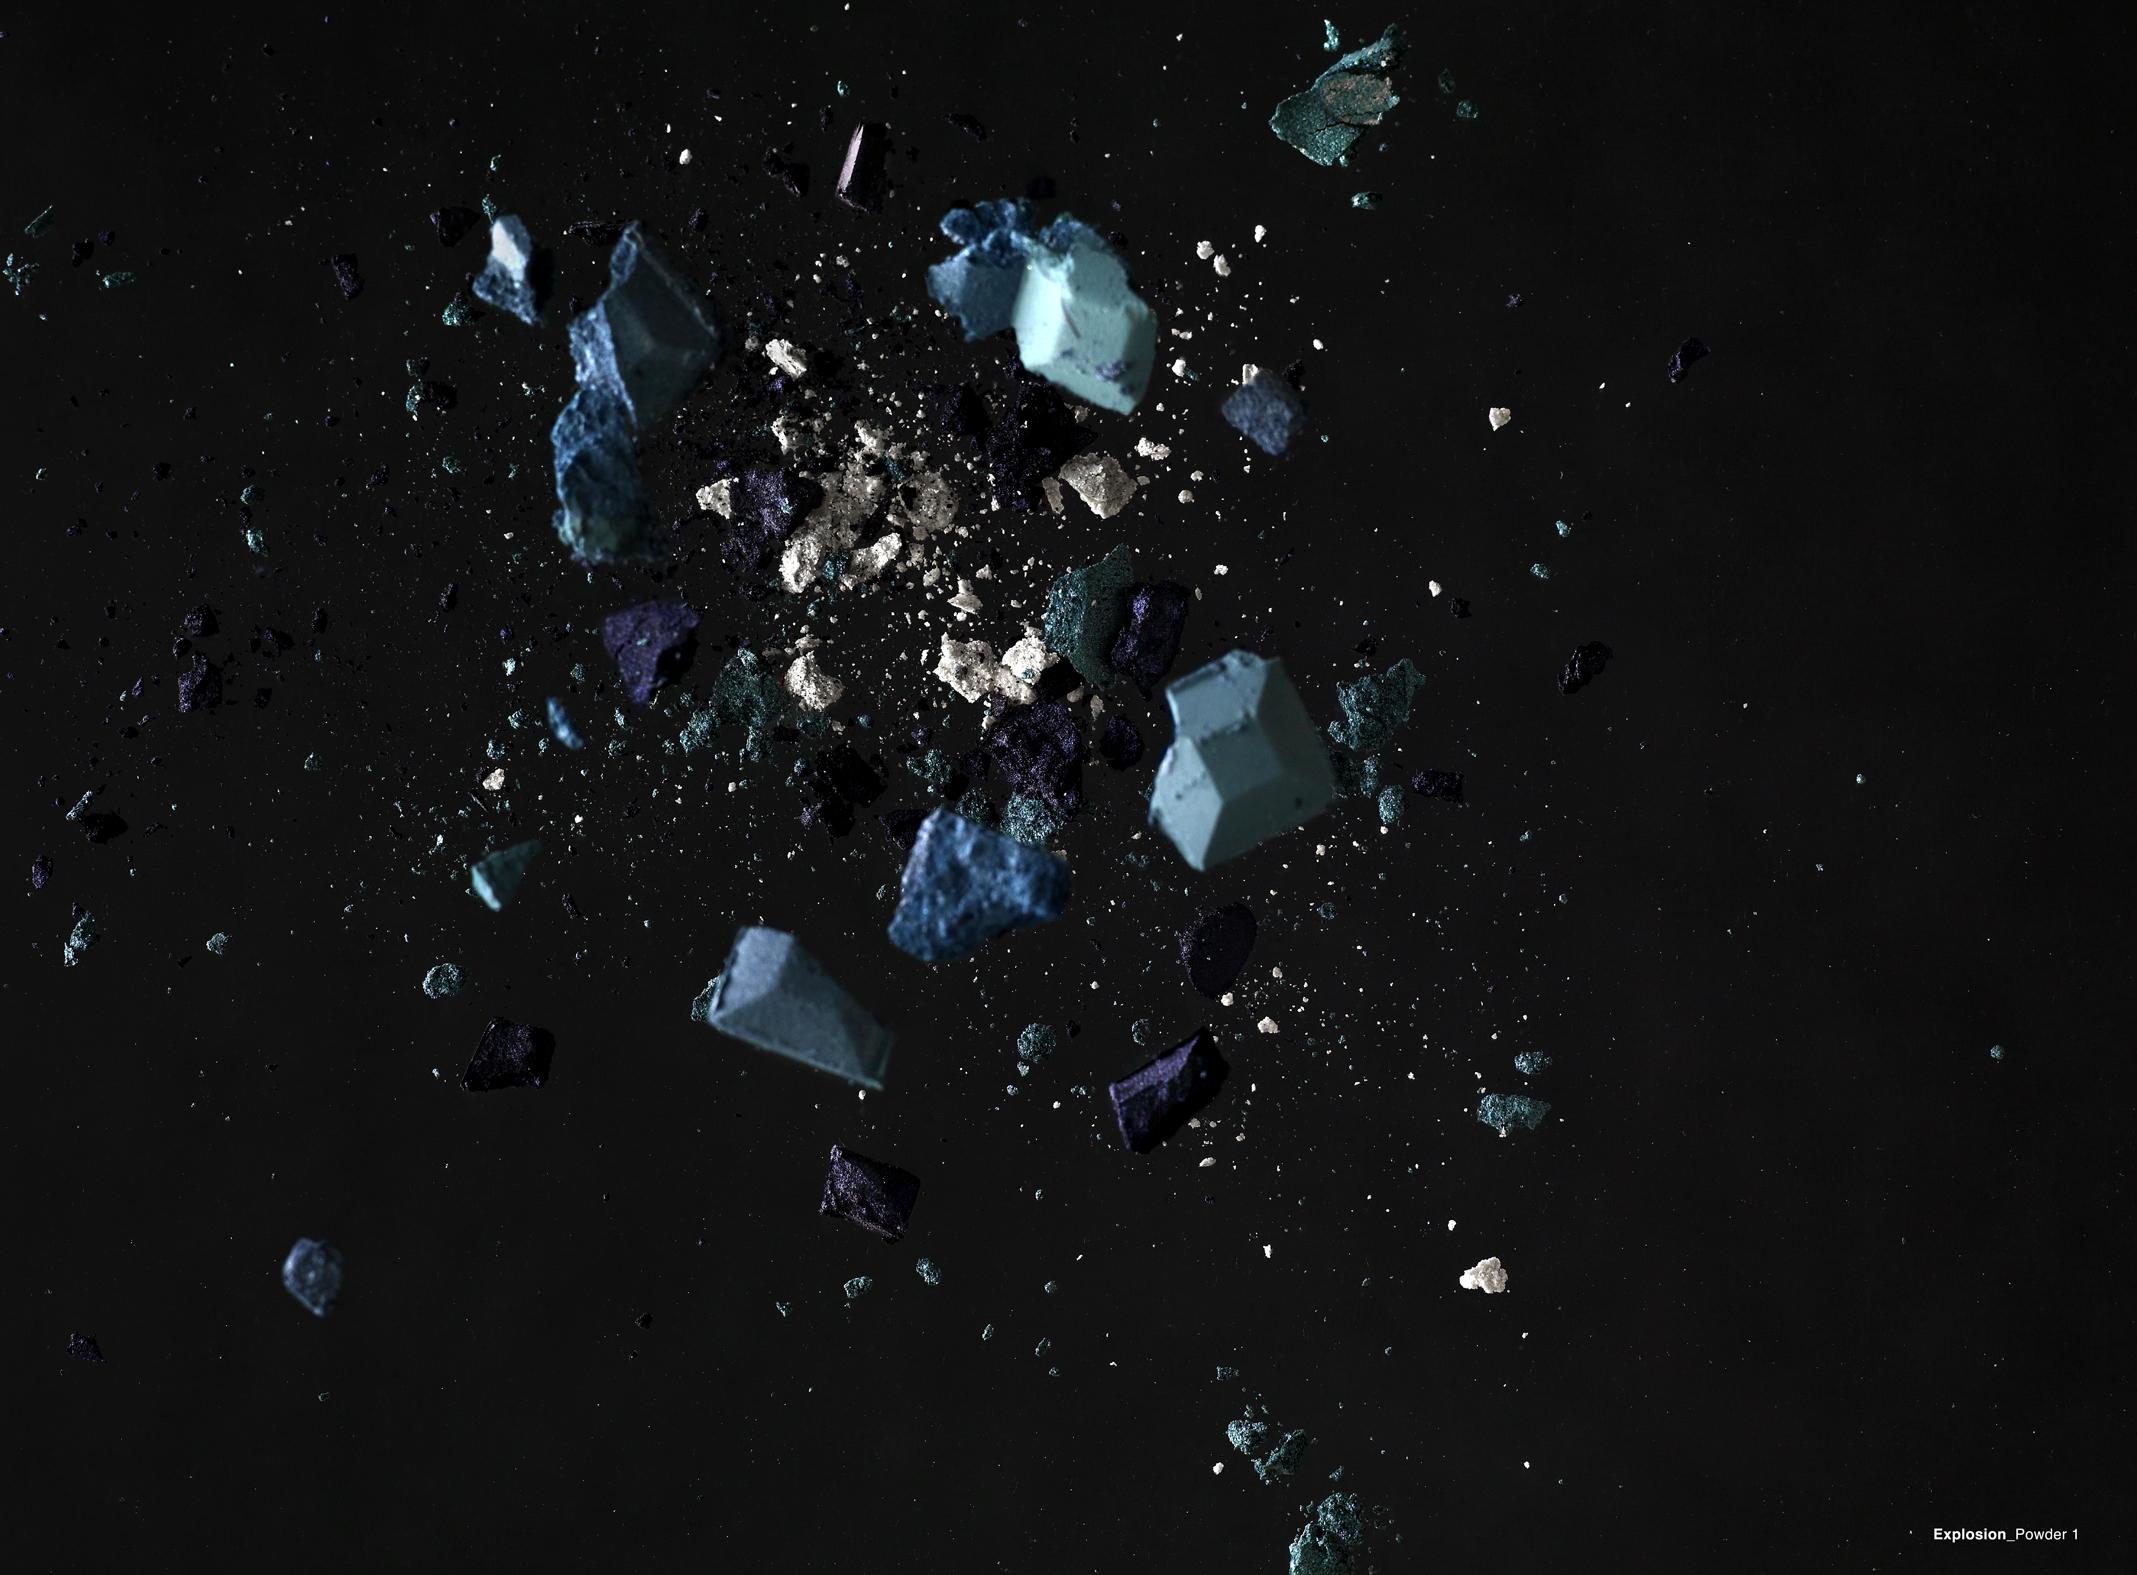 explod1_11